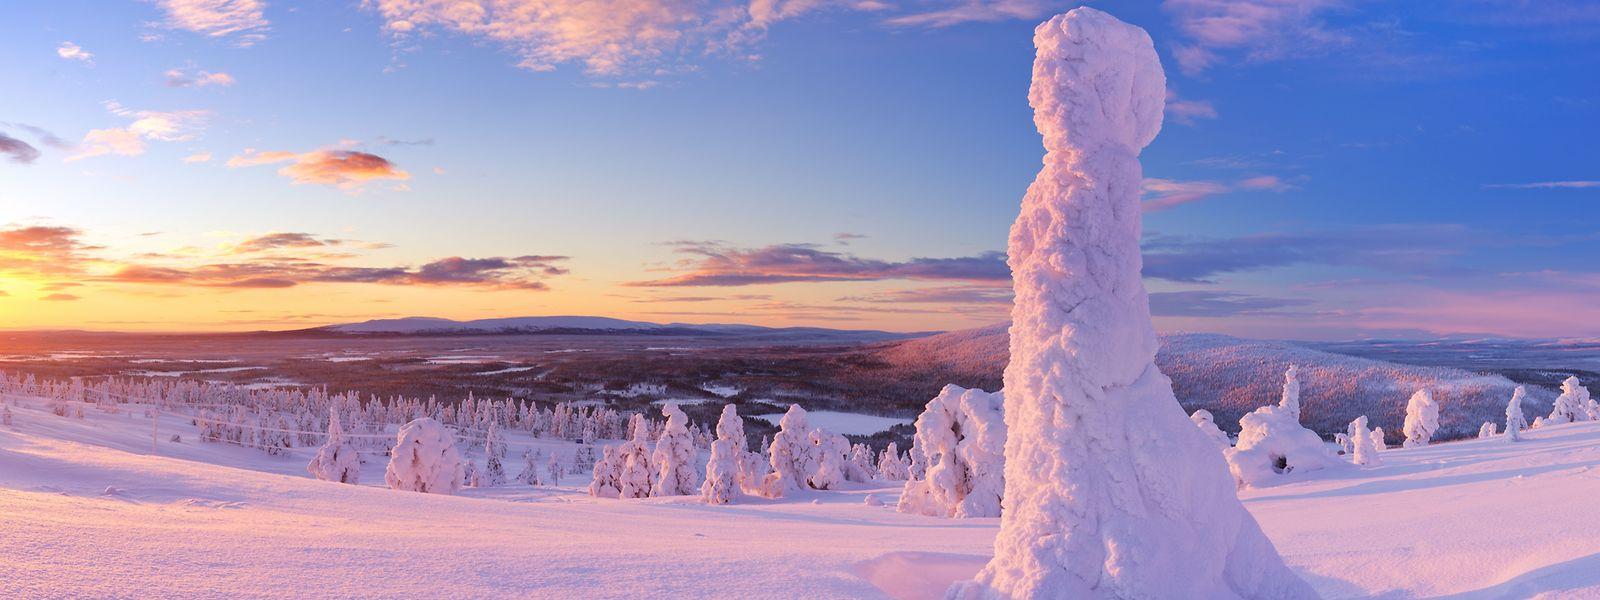 Die schier endlosen Weiten Lapplands bieten ideale Bedingungen für Skilangläufer.